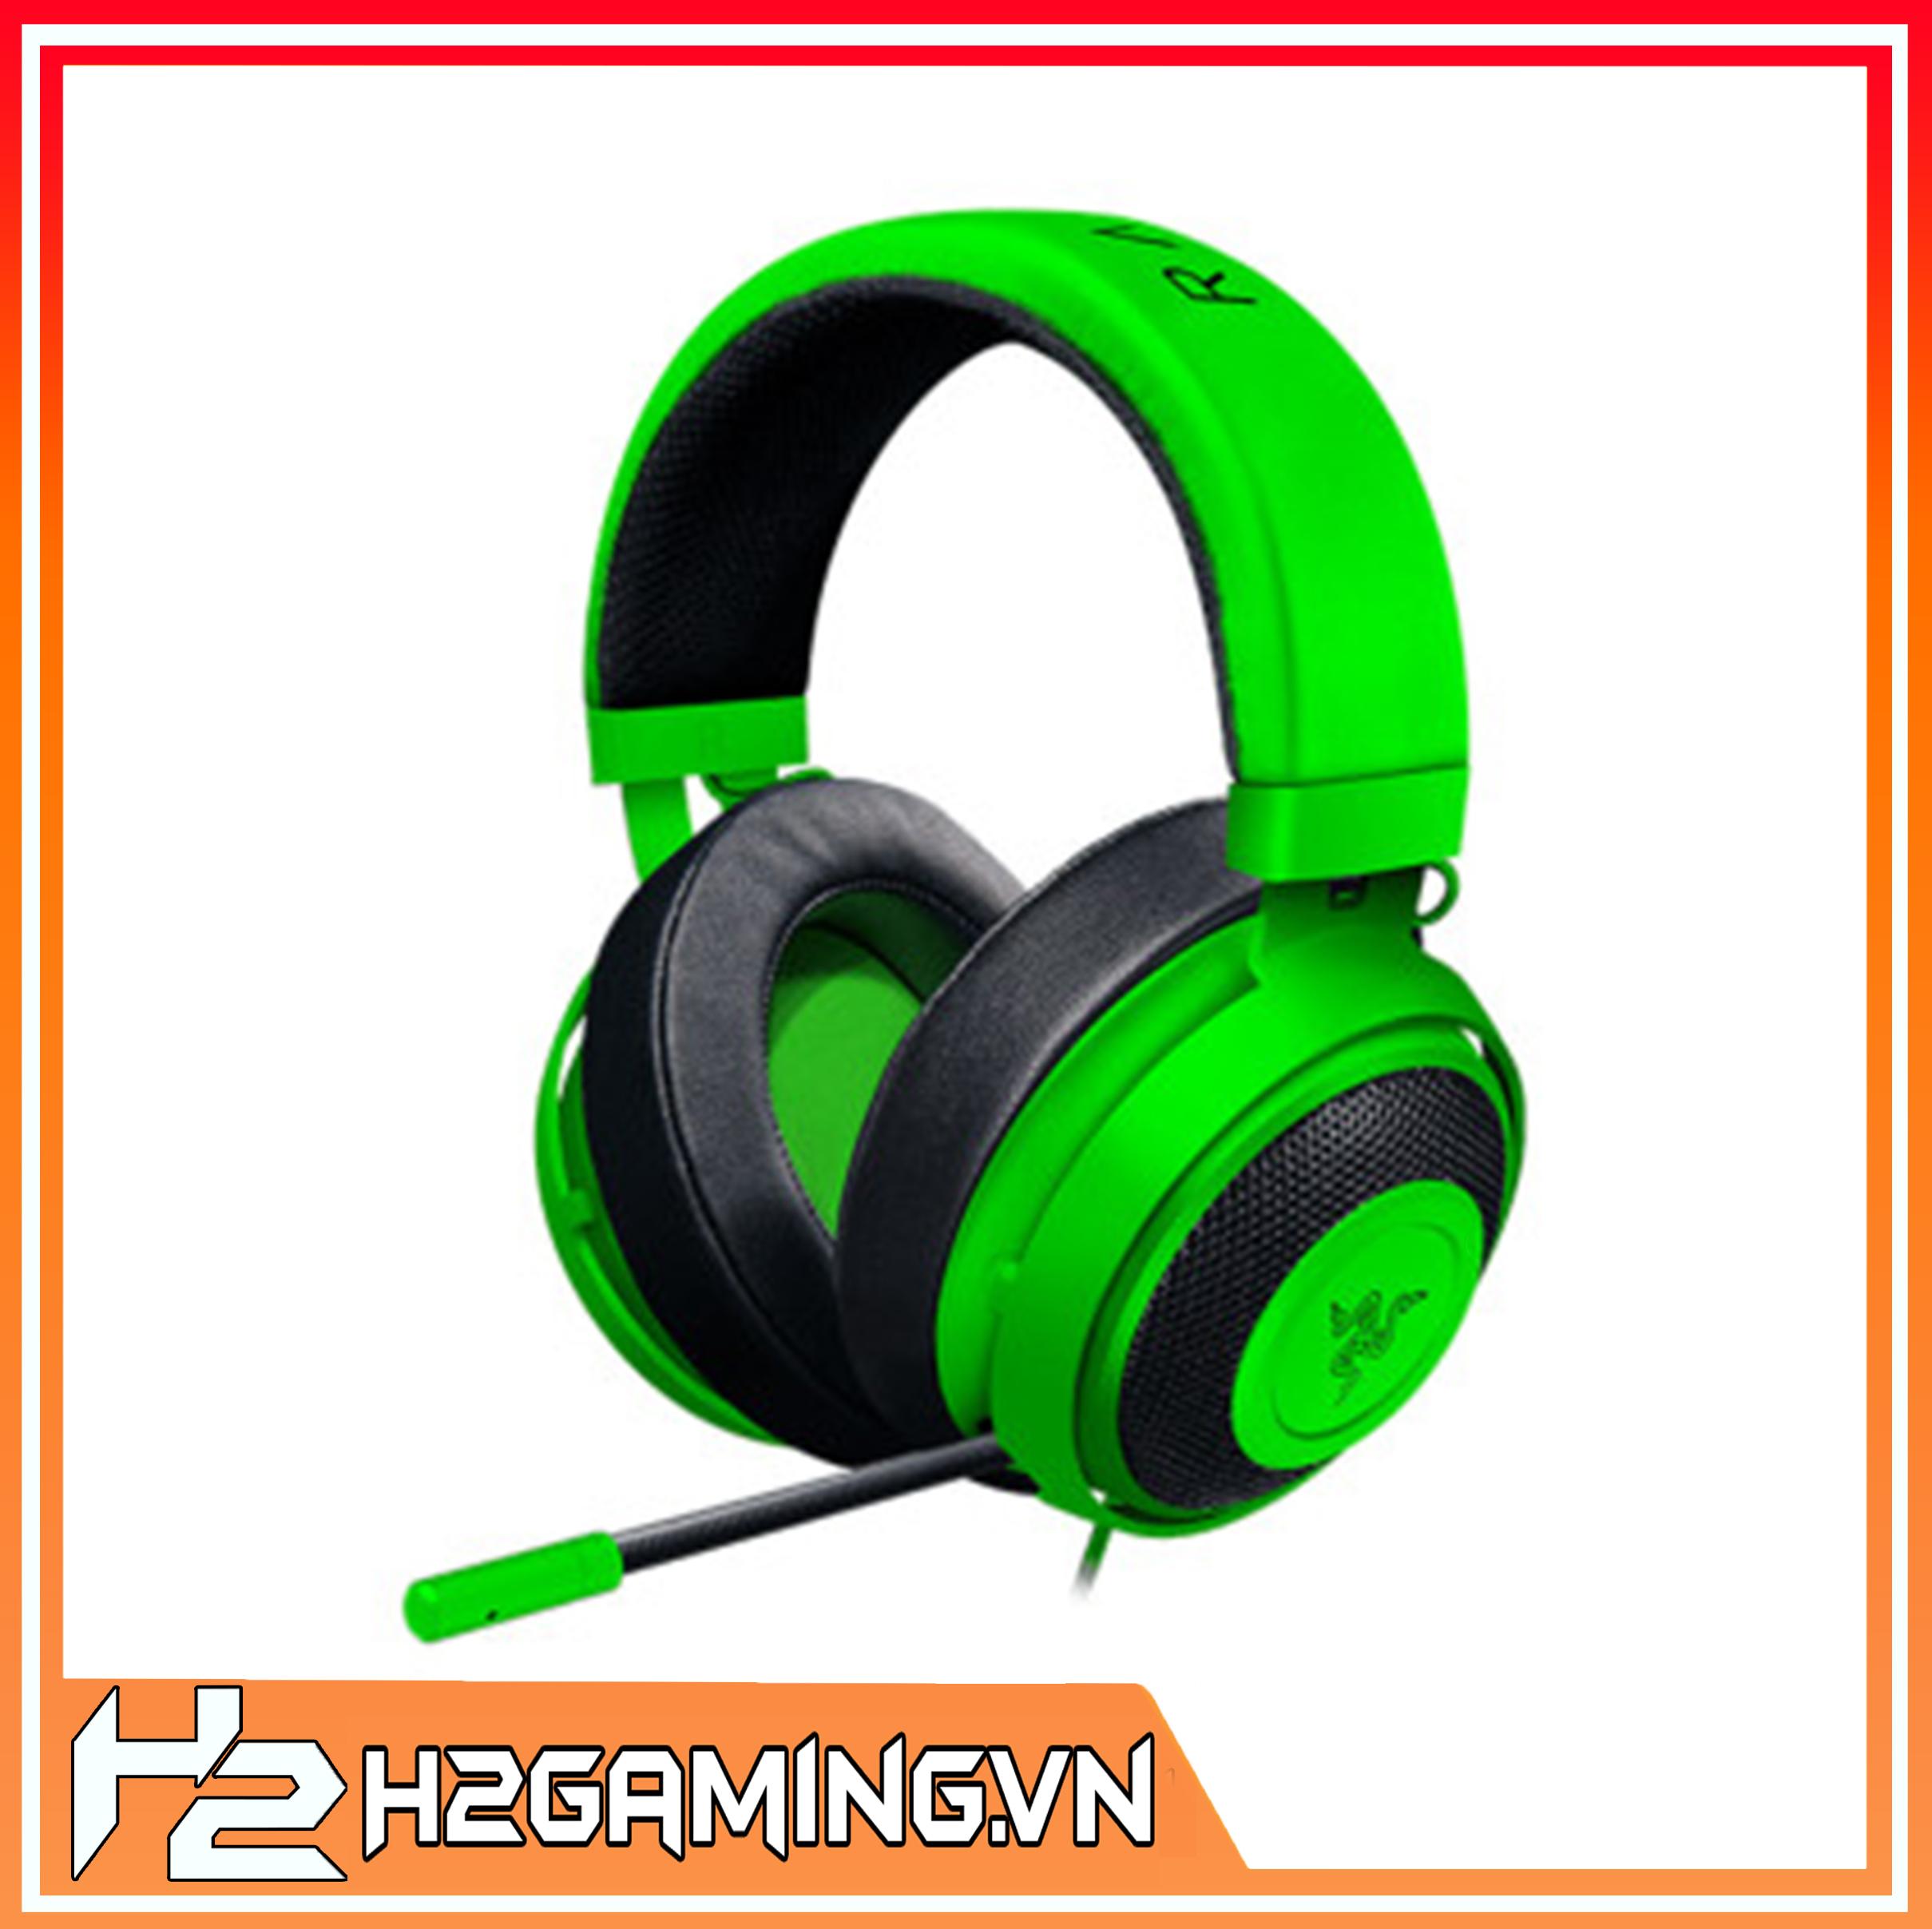 Razer_Kraken_Multi-Platform_Green